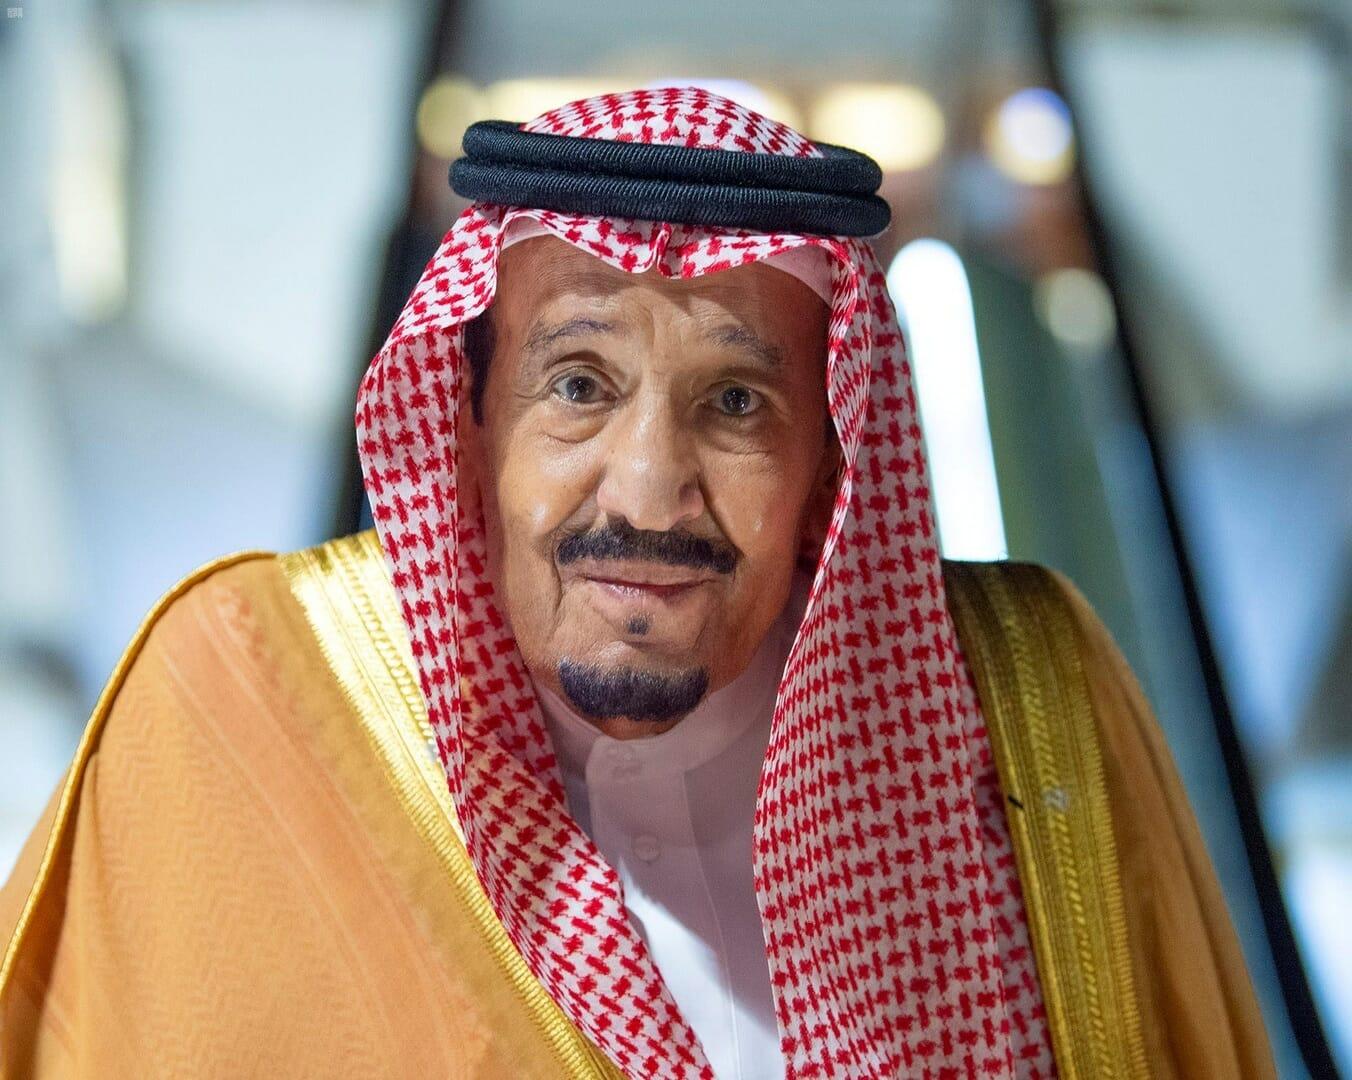 الملك سلمان بن عبدالعزيز يعين نجله سلطان بن سلمان مستشارا خاصا له